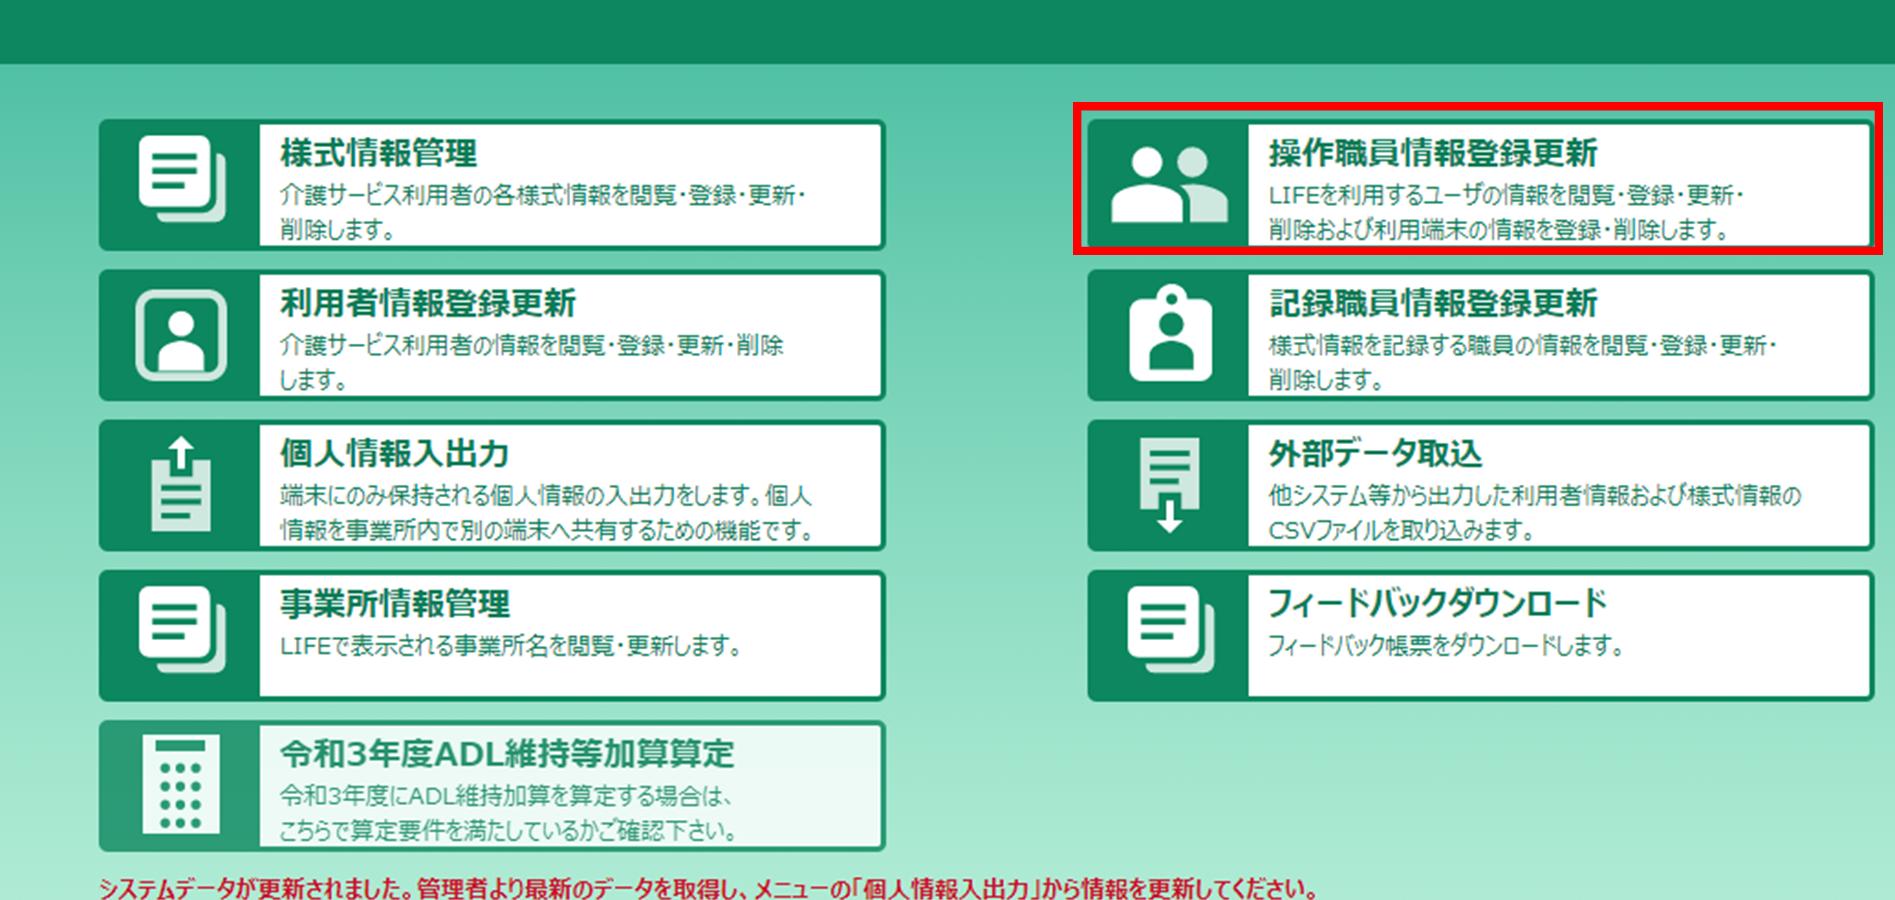 ◎LIFE管理ユーザートップ画面